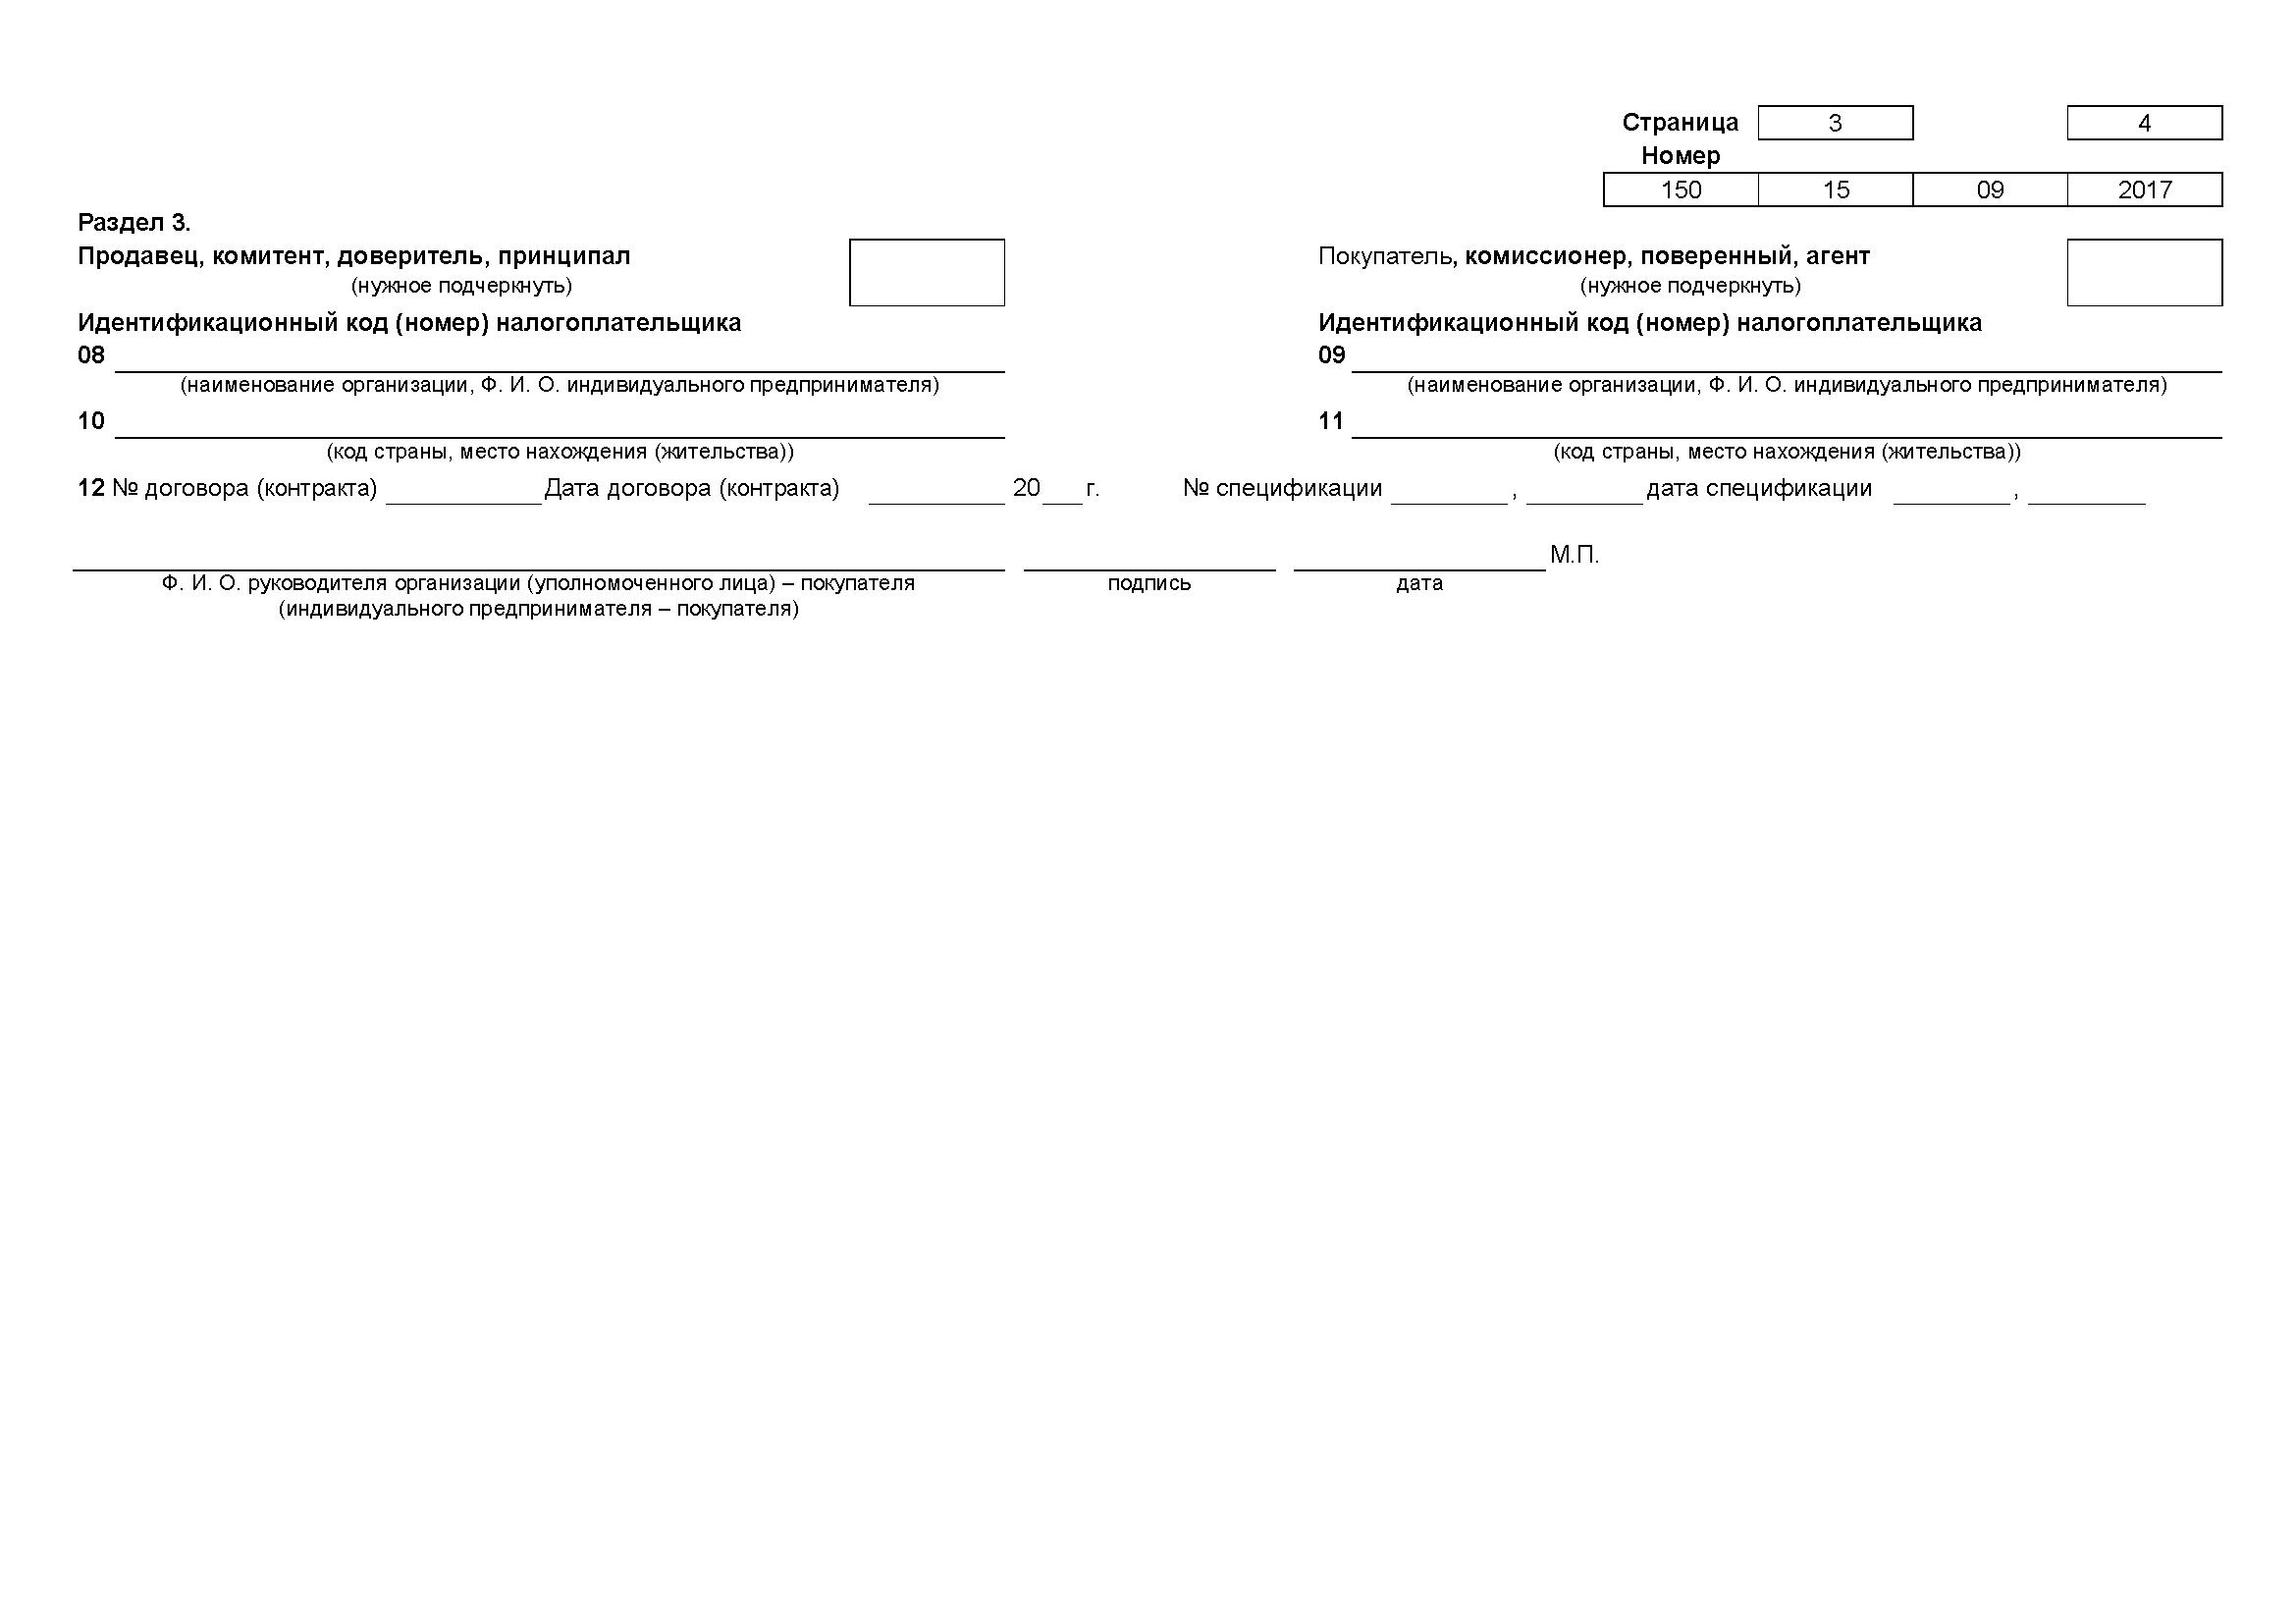 справочник содержания драгоценных металлов 3 я редакция скачать